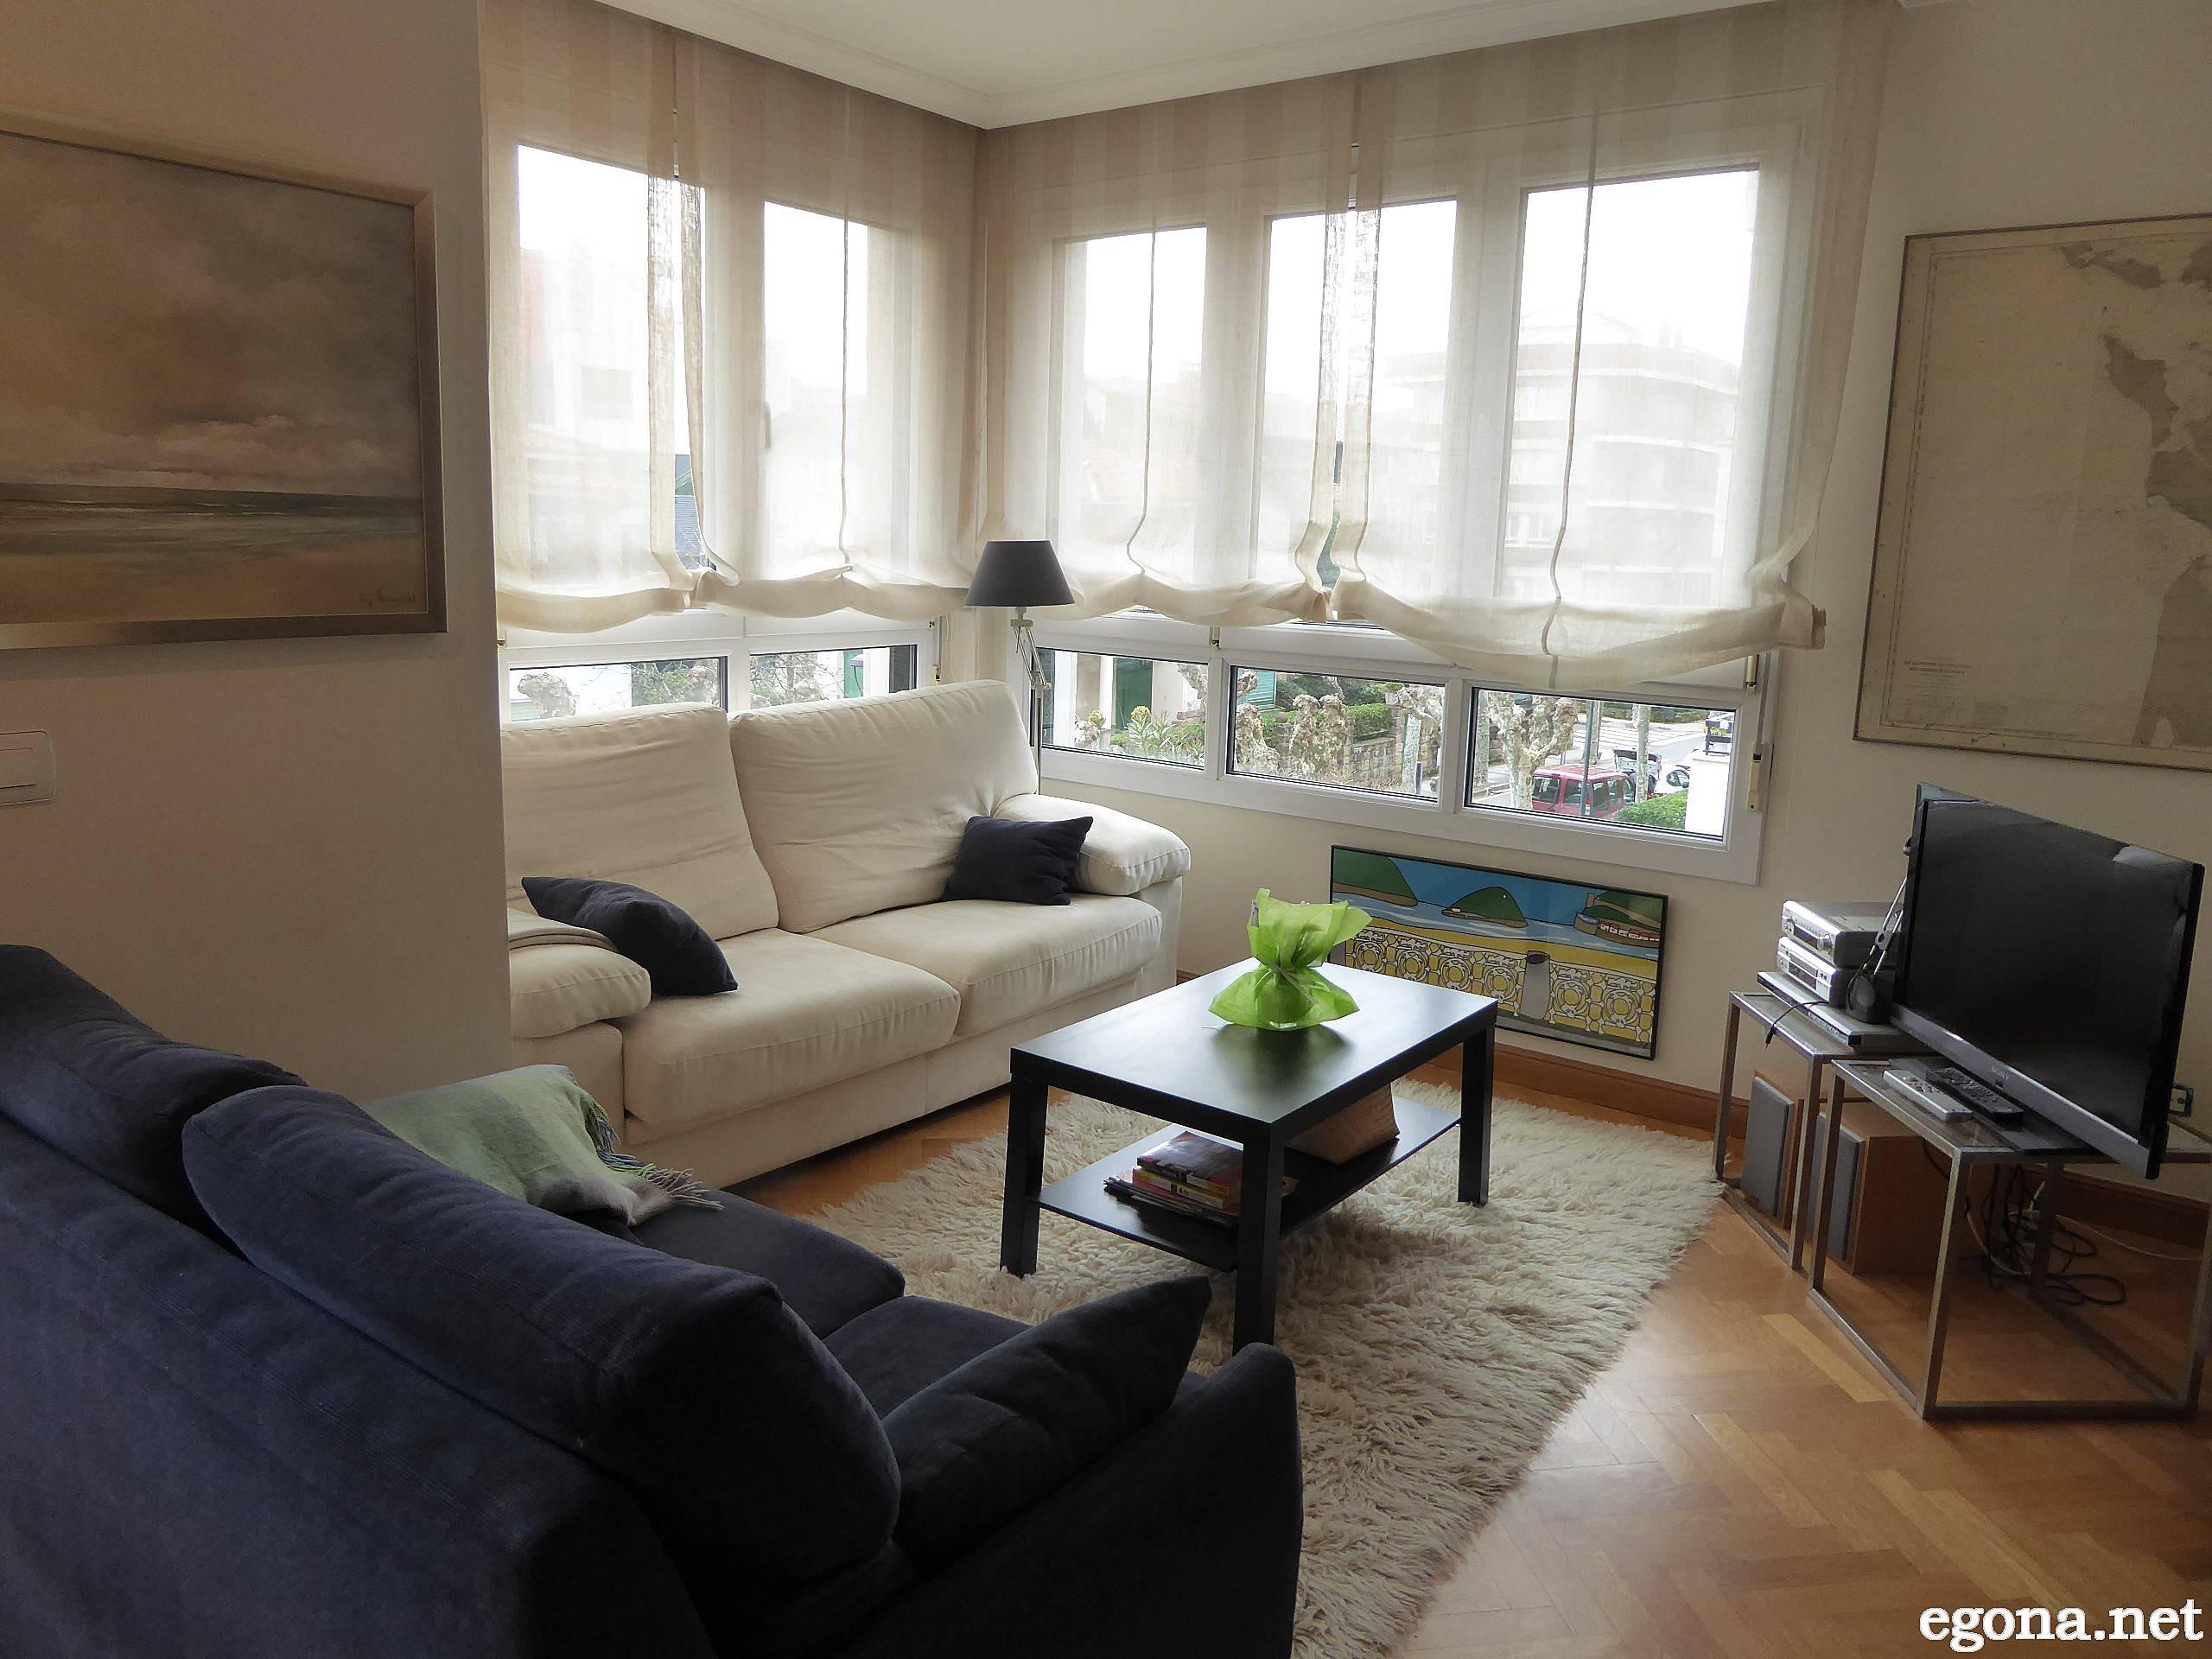 Apartamento en alquiler a 200 m de la playa zarautz - Apartamentos en zarauz ...